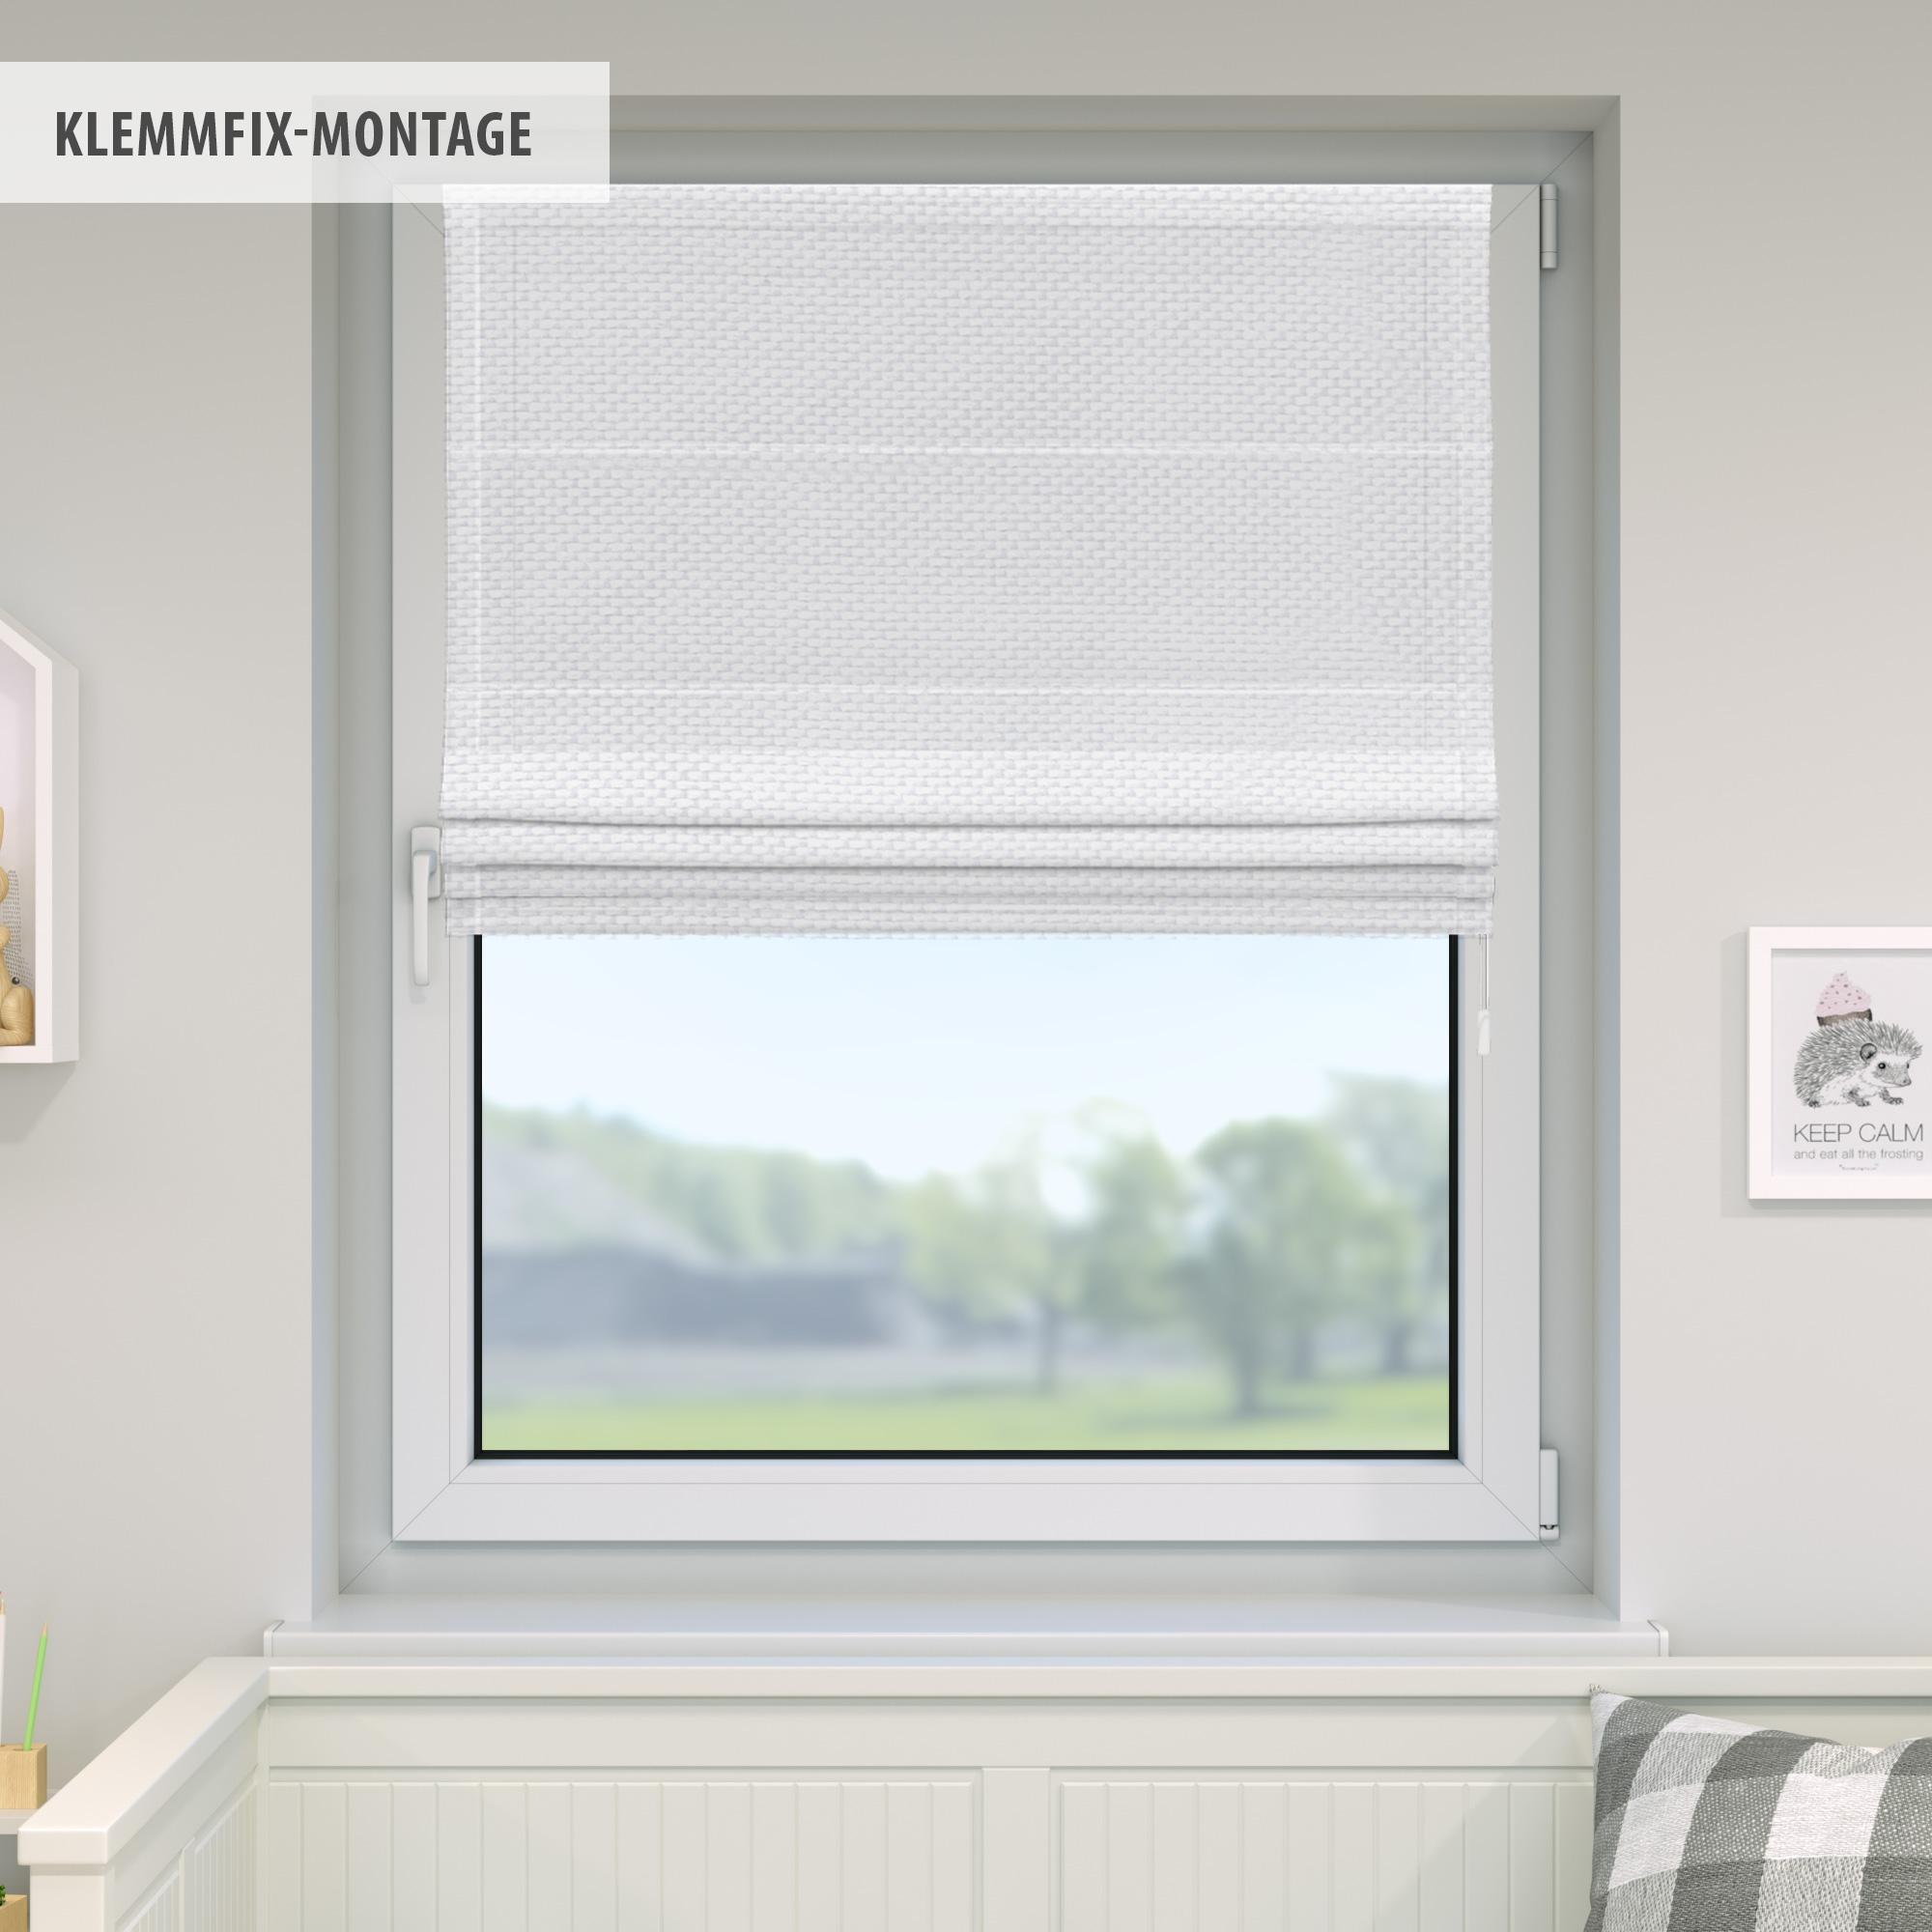 Indexbild 25 - Raffrollo-Faltrollo-Klemmfix-ohne-Bohren-Fenster-Raffgardine-Gardine-VICTORIA-M